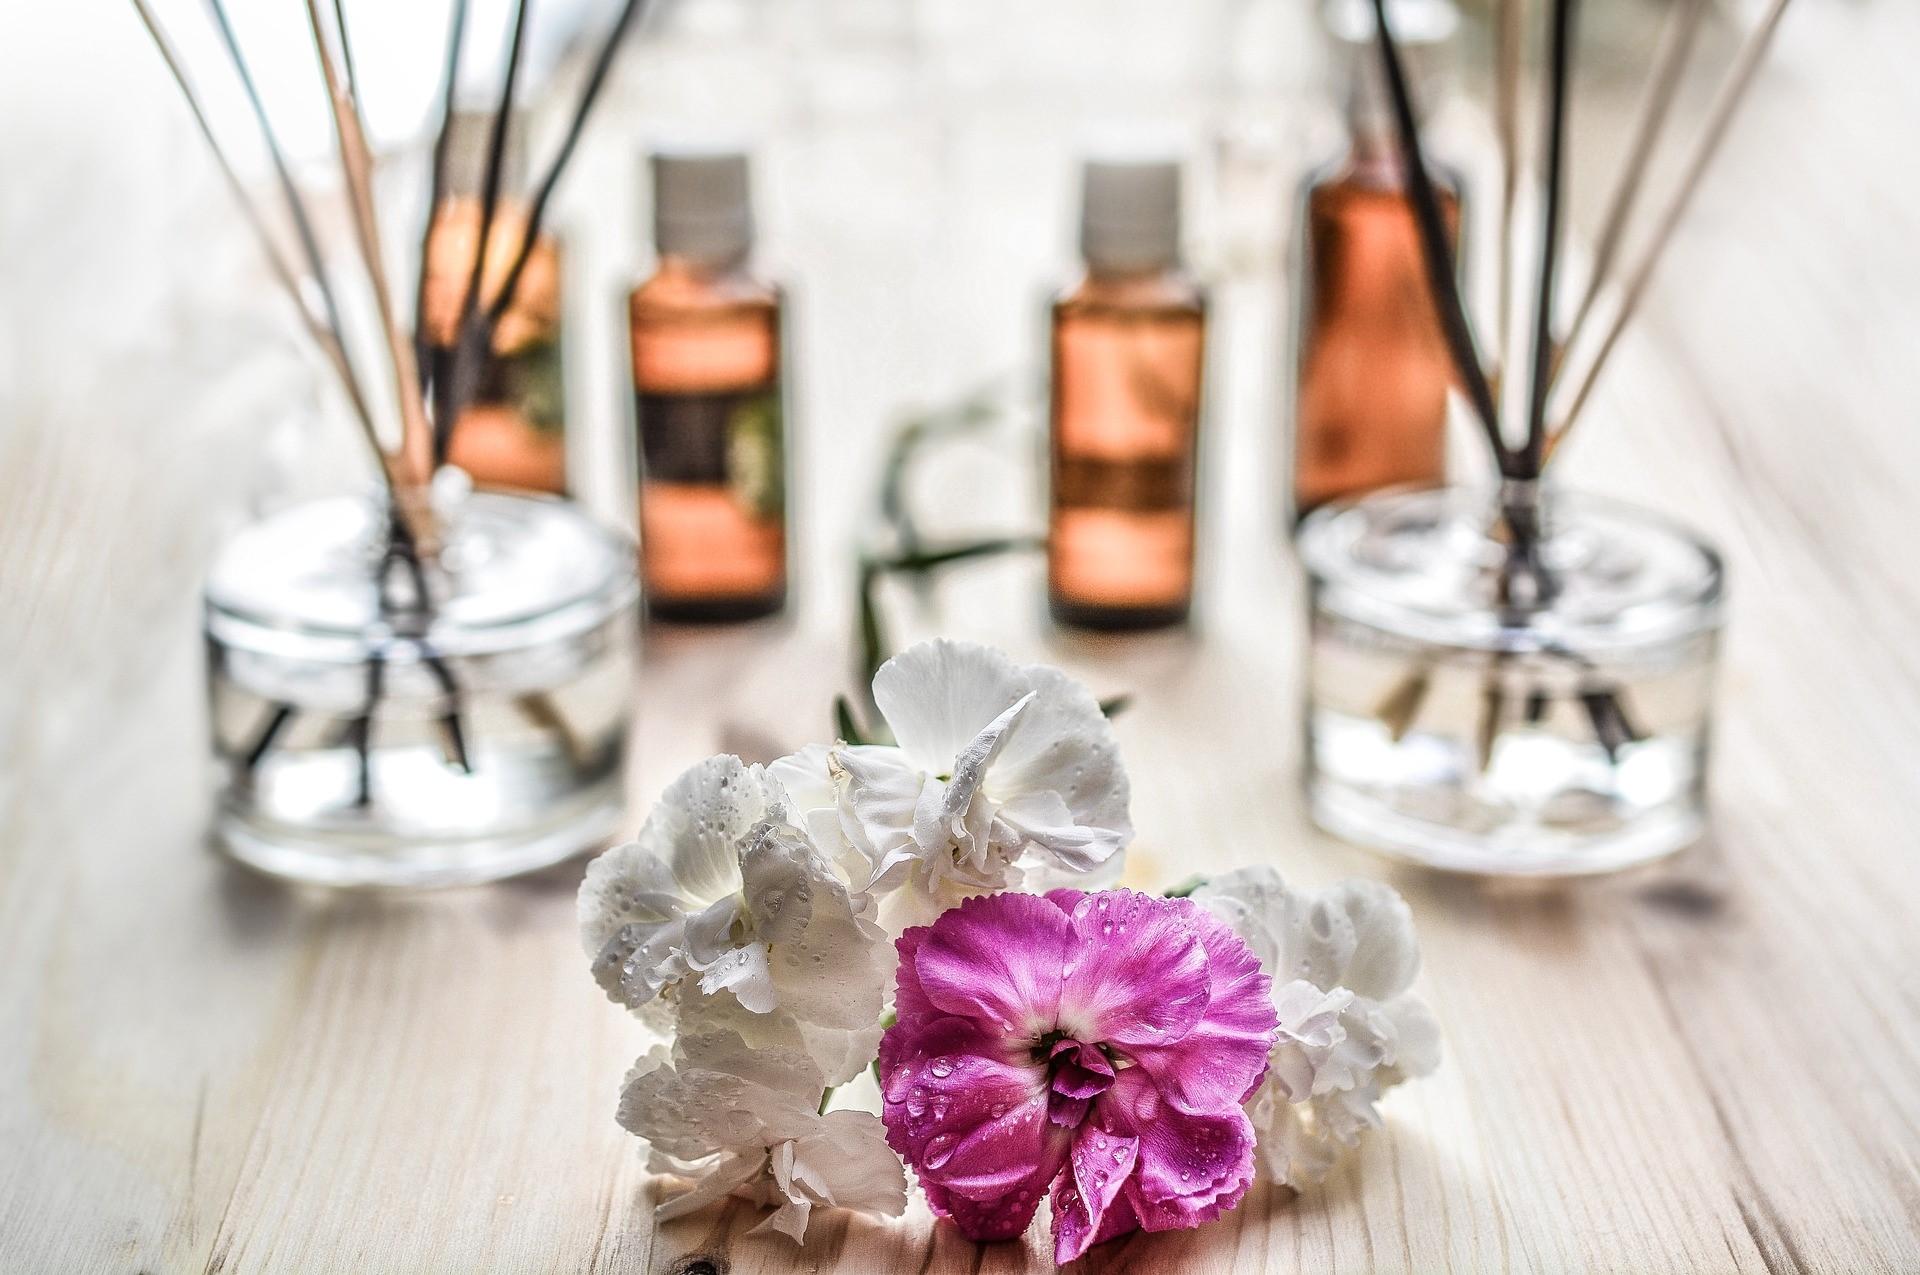 Ayurvéda et aromathérapie, le pouvoir des huiles essentielles